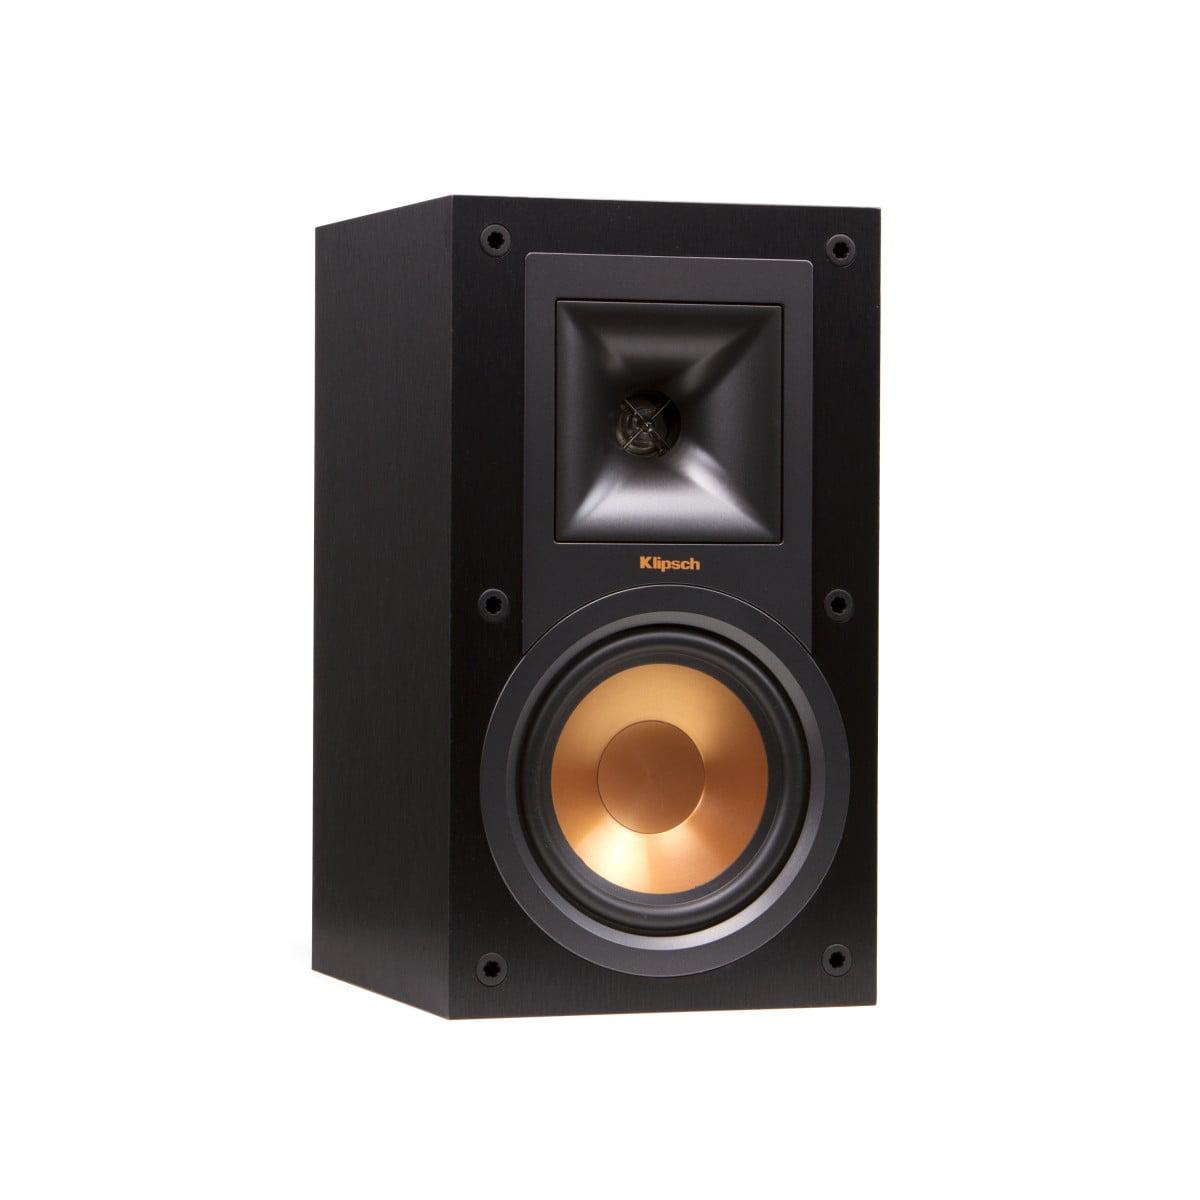 klipsch marine speakers. klipsch r15m marine speakers l